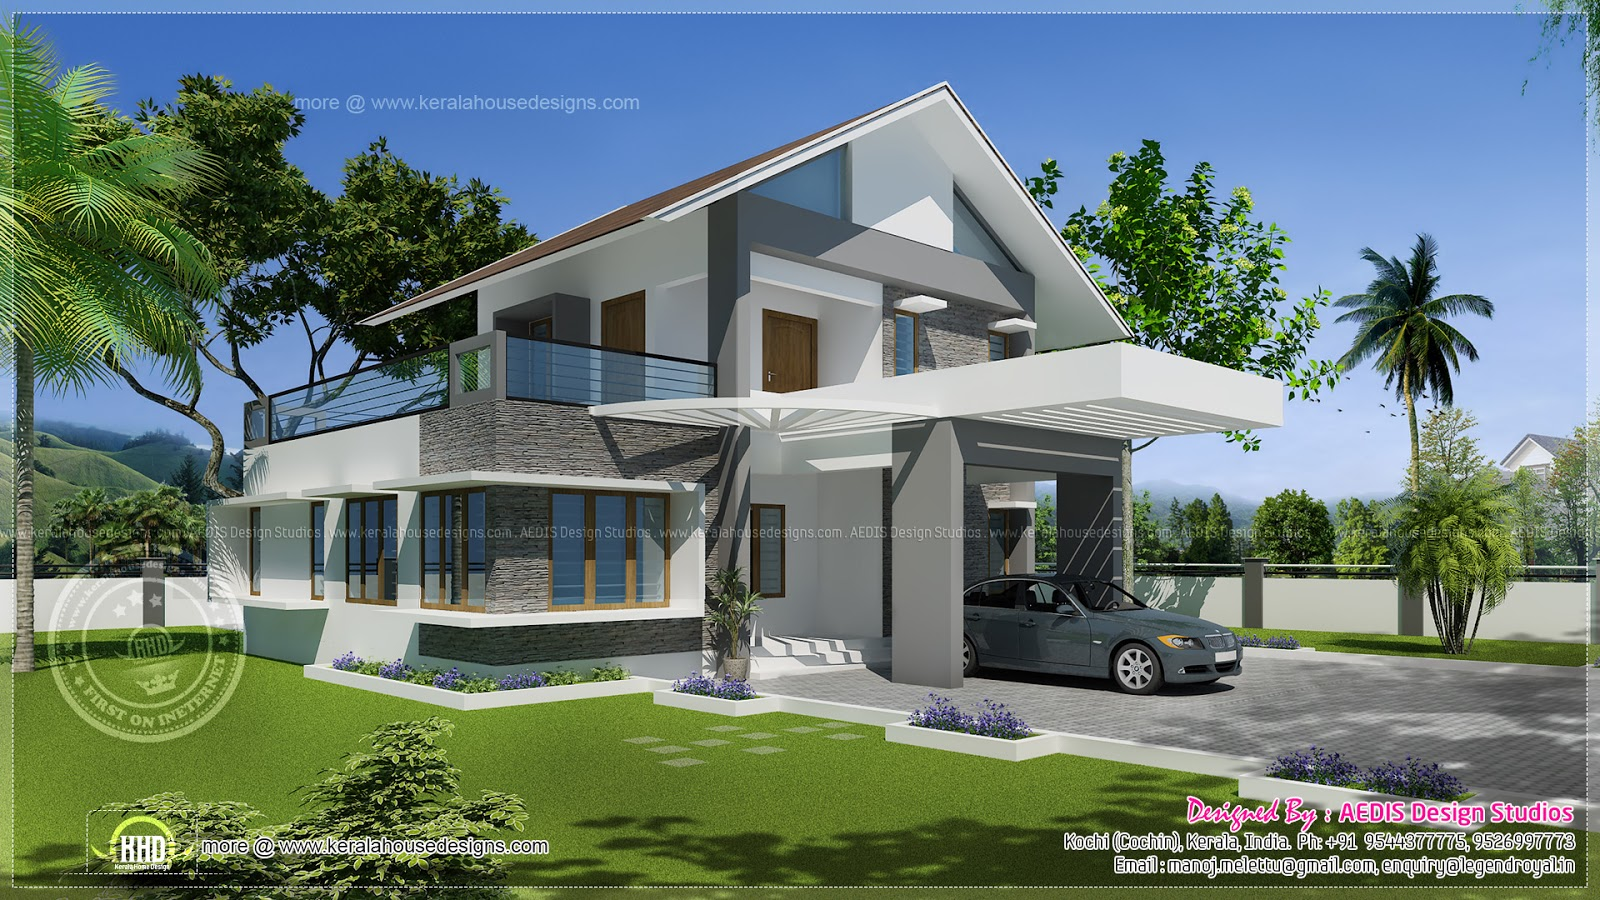 Home Dream Design